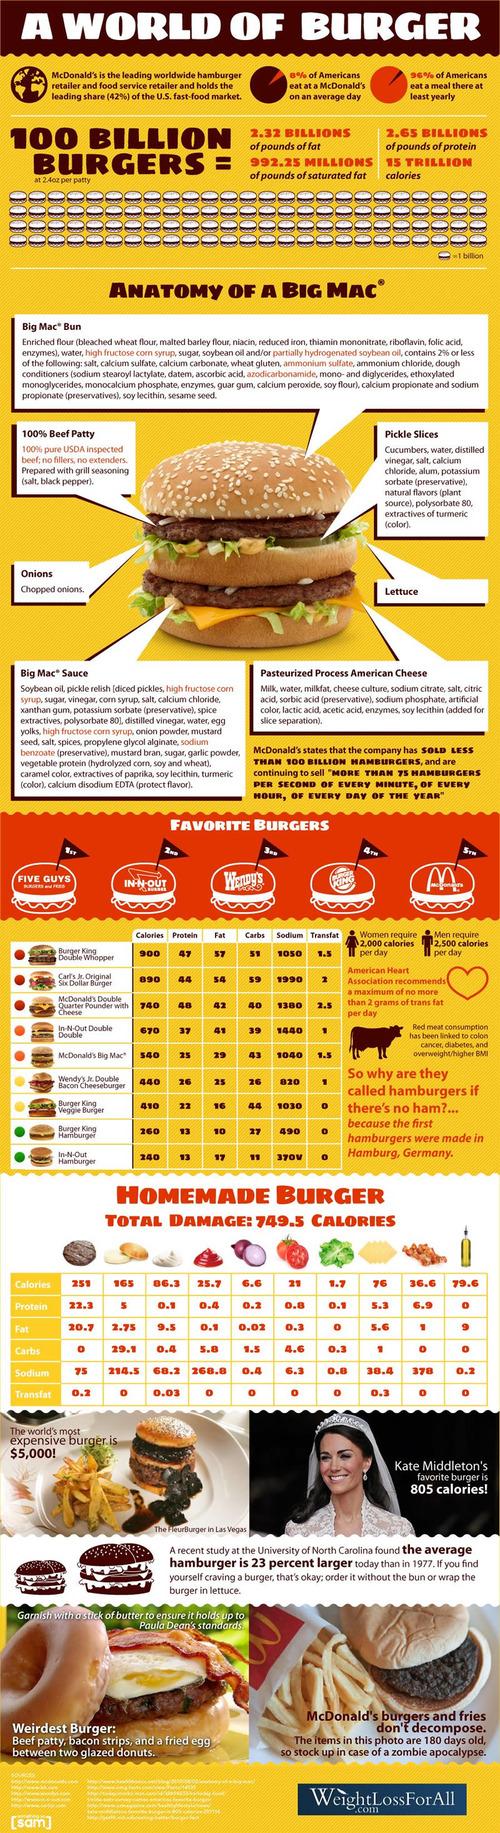 Theworldofburgers